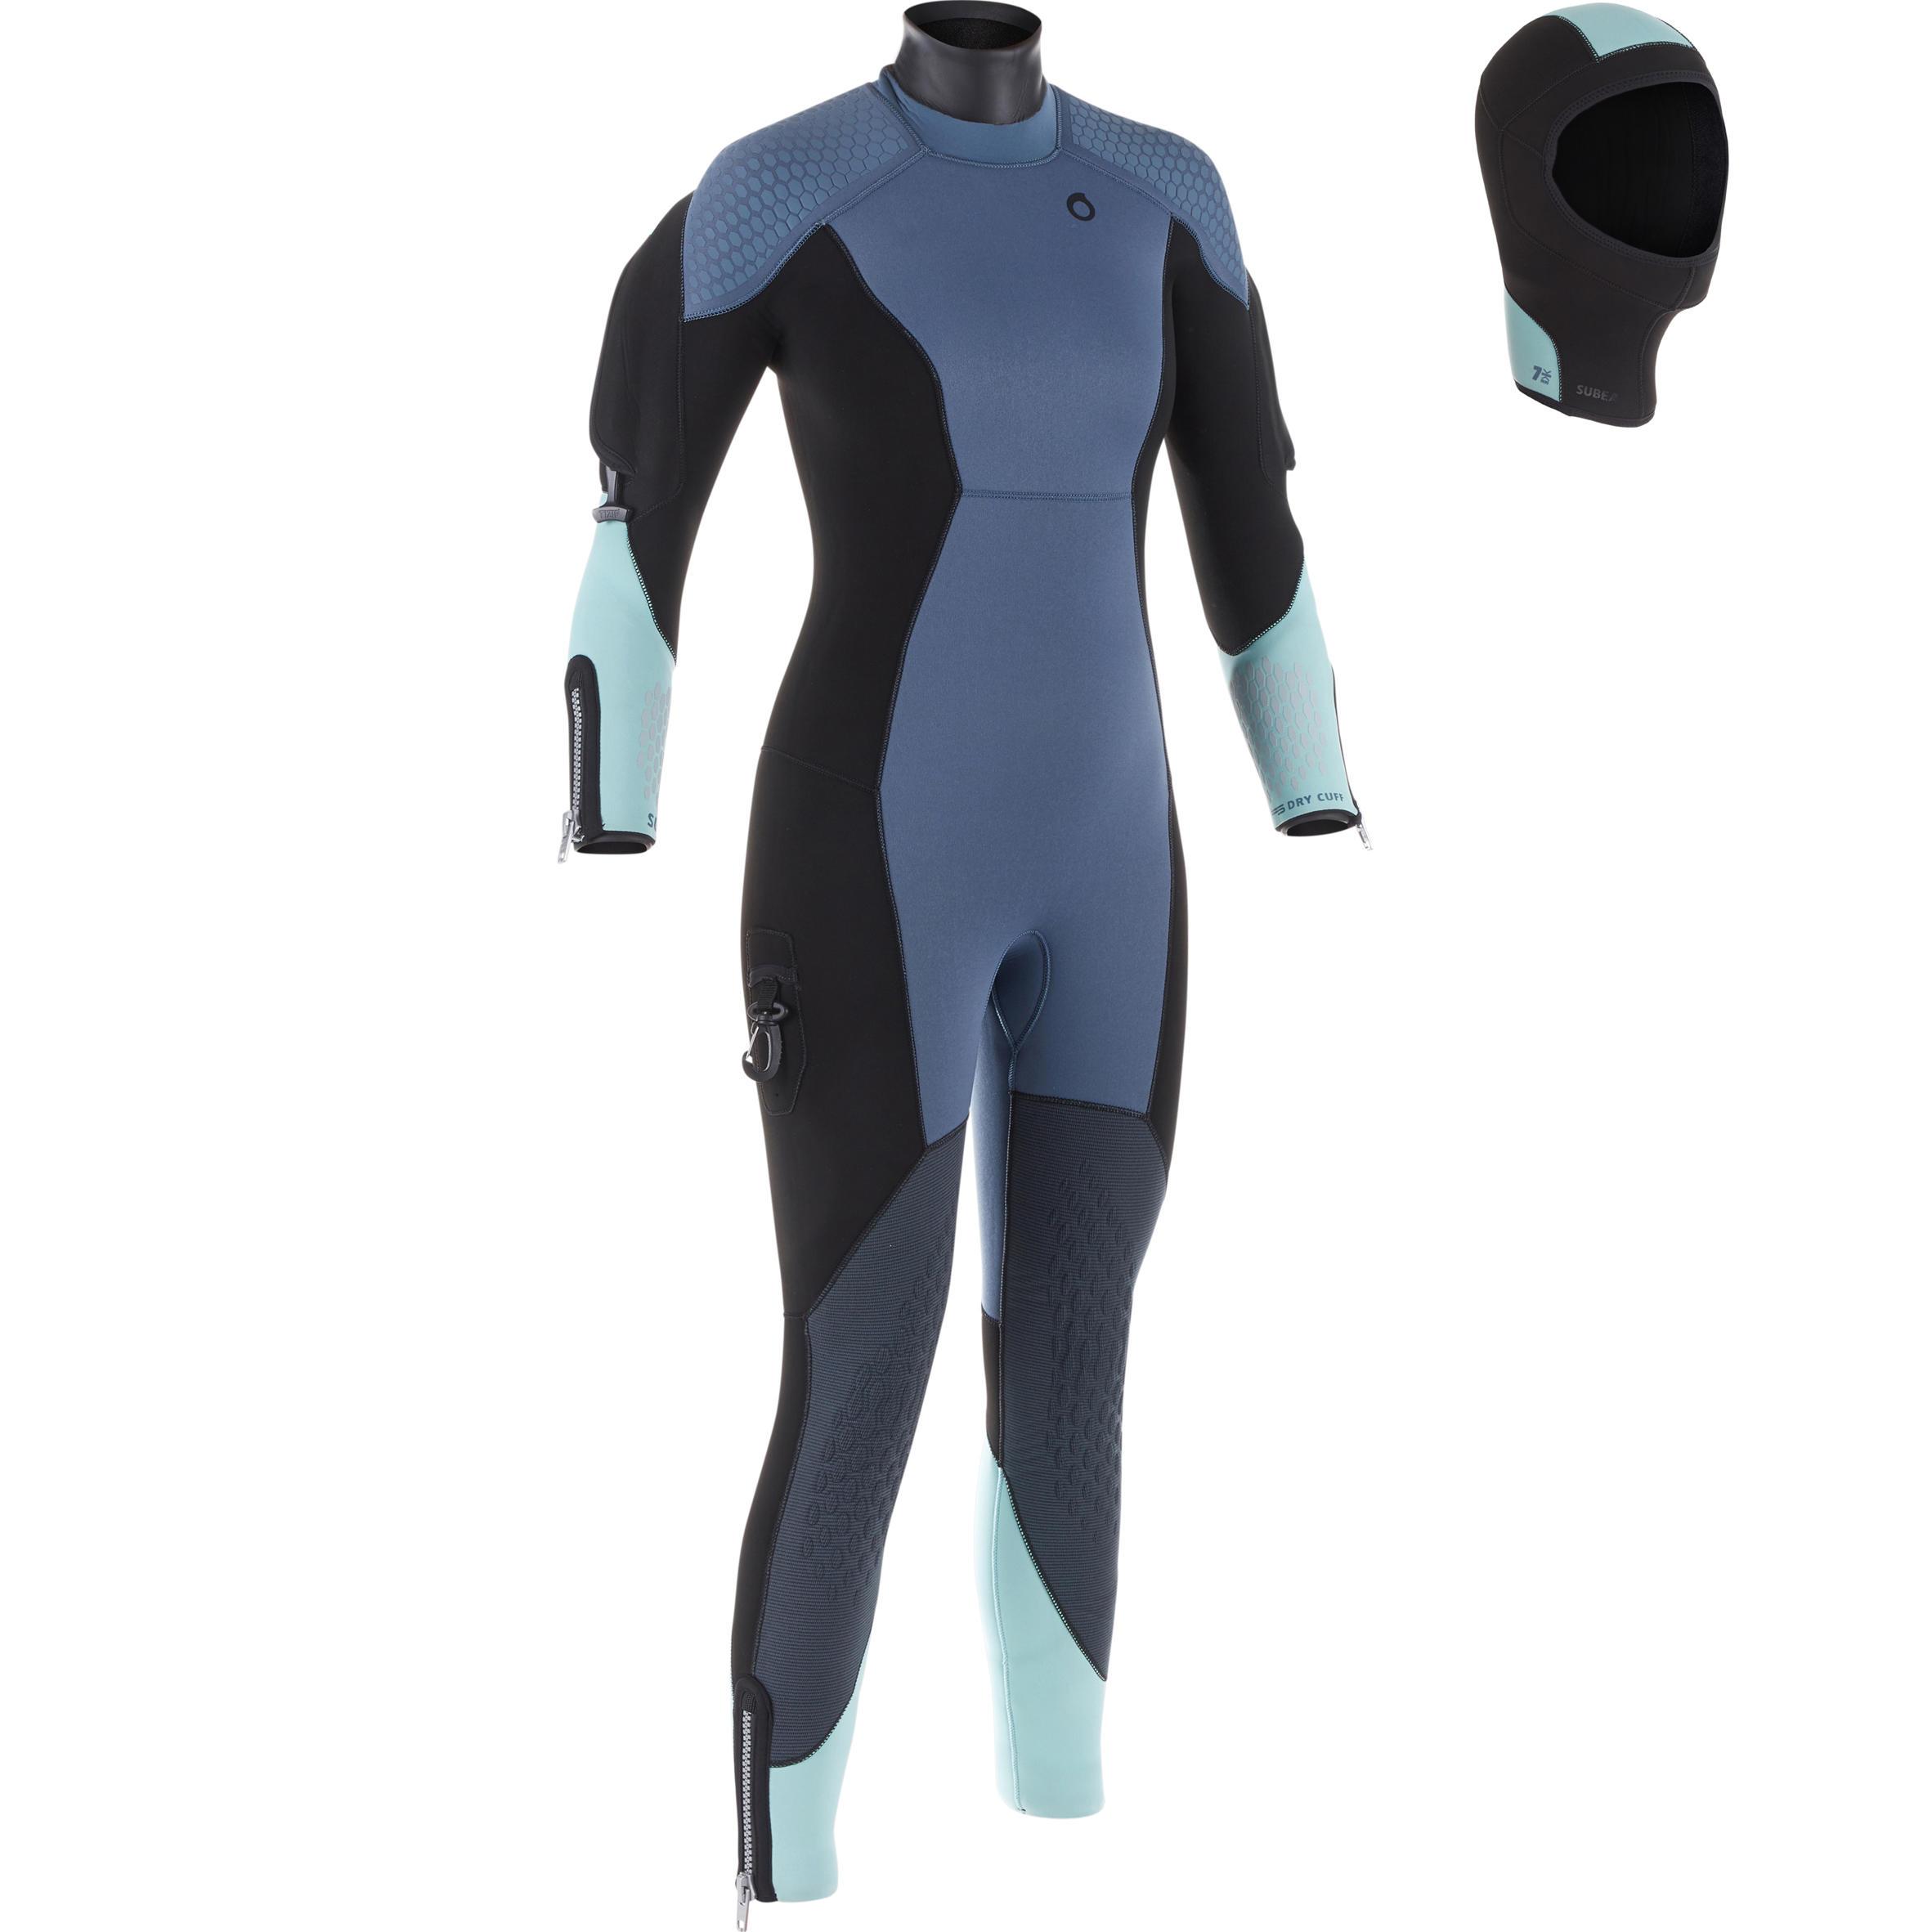 Neoprenanzug halbtrocken SCD 500 Tauchen Neopren 7 mm für kalte Gewässer Damen | Sportbekleidung > Sportanzüge | Blau | Polyester | Subea